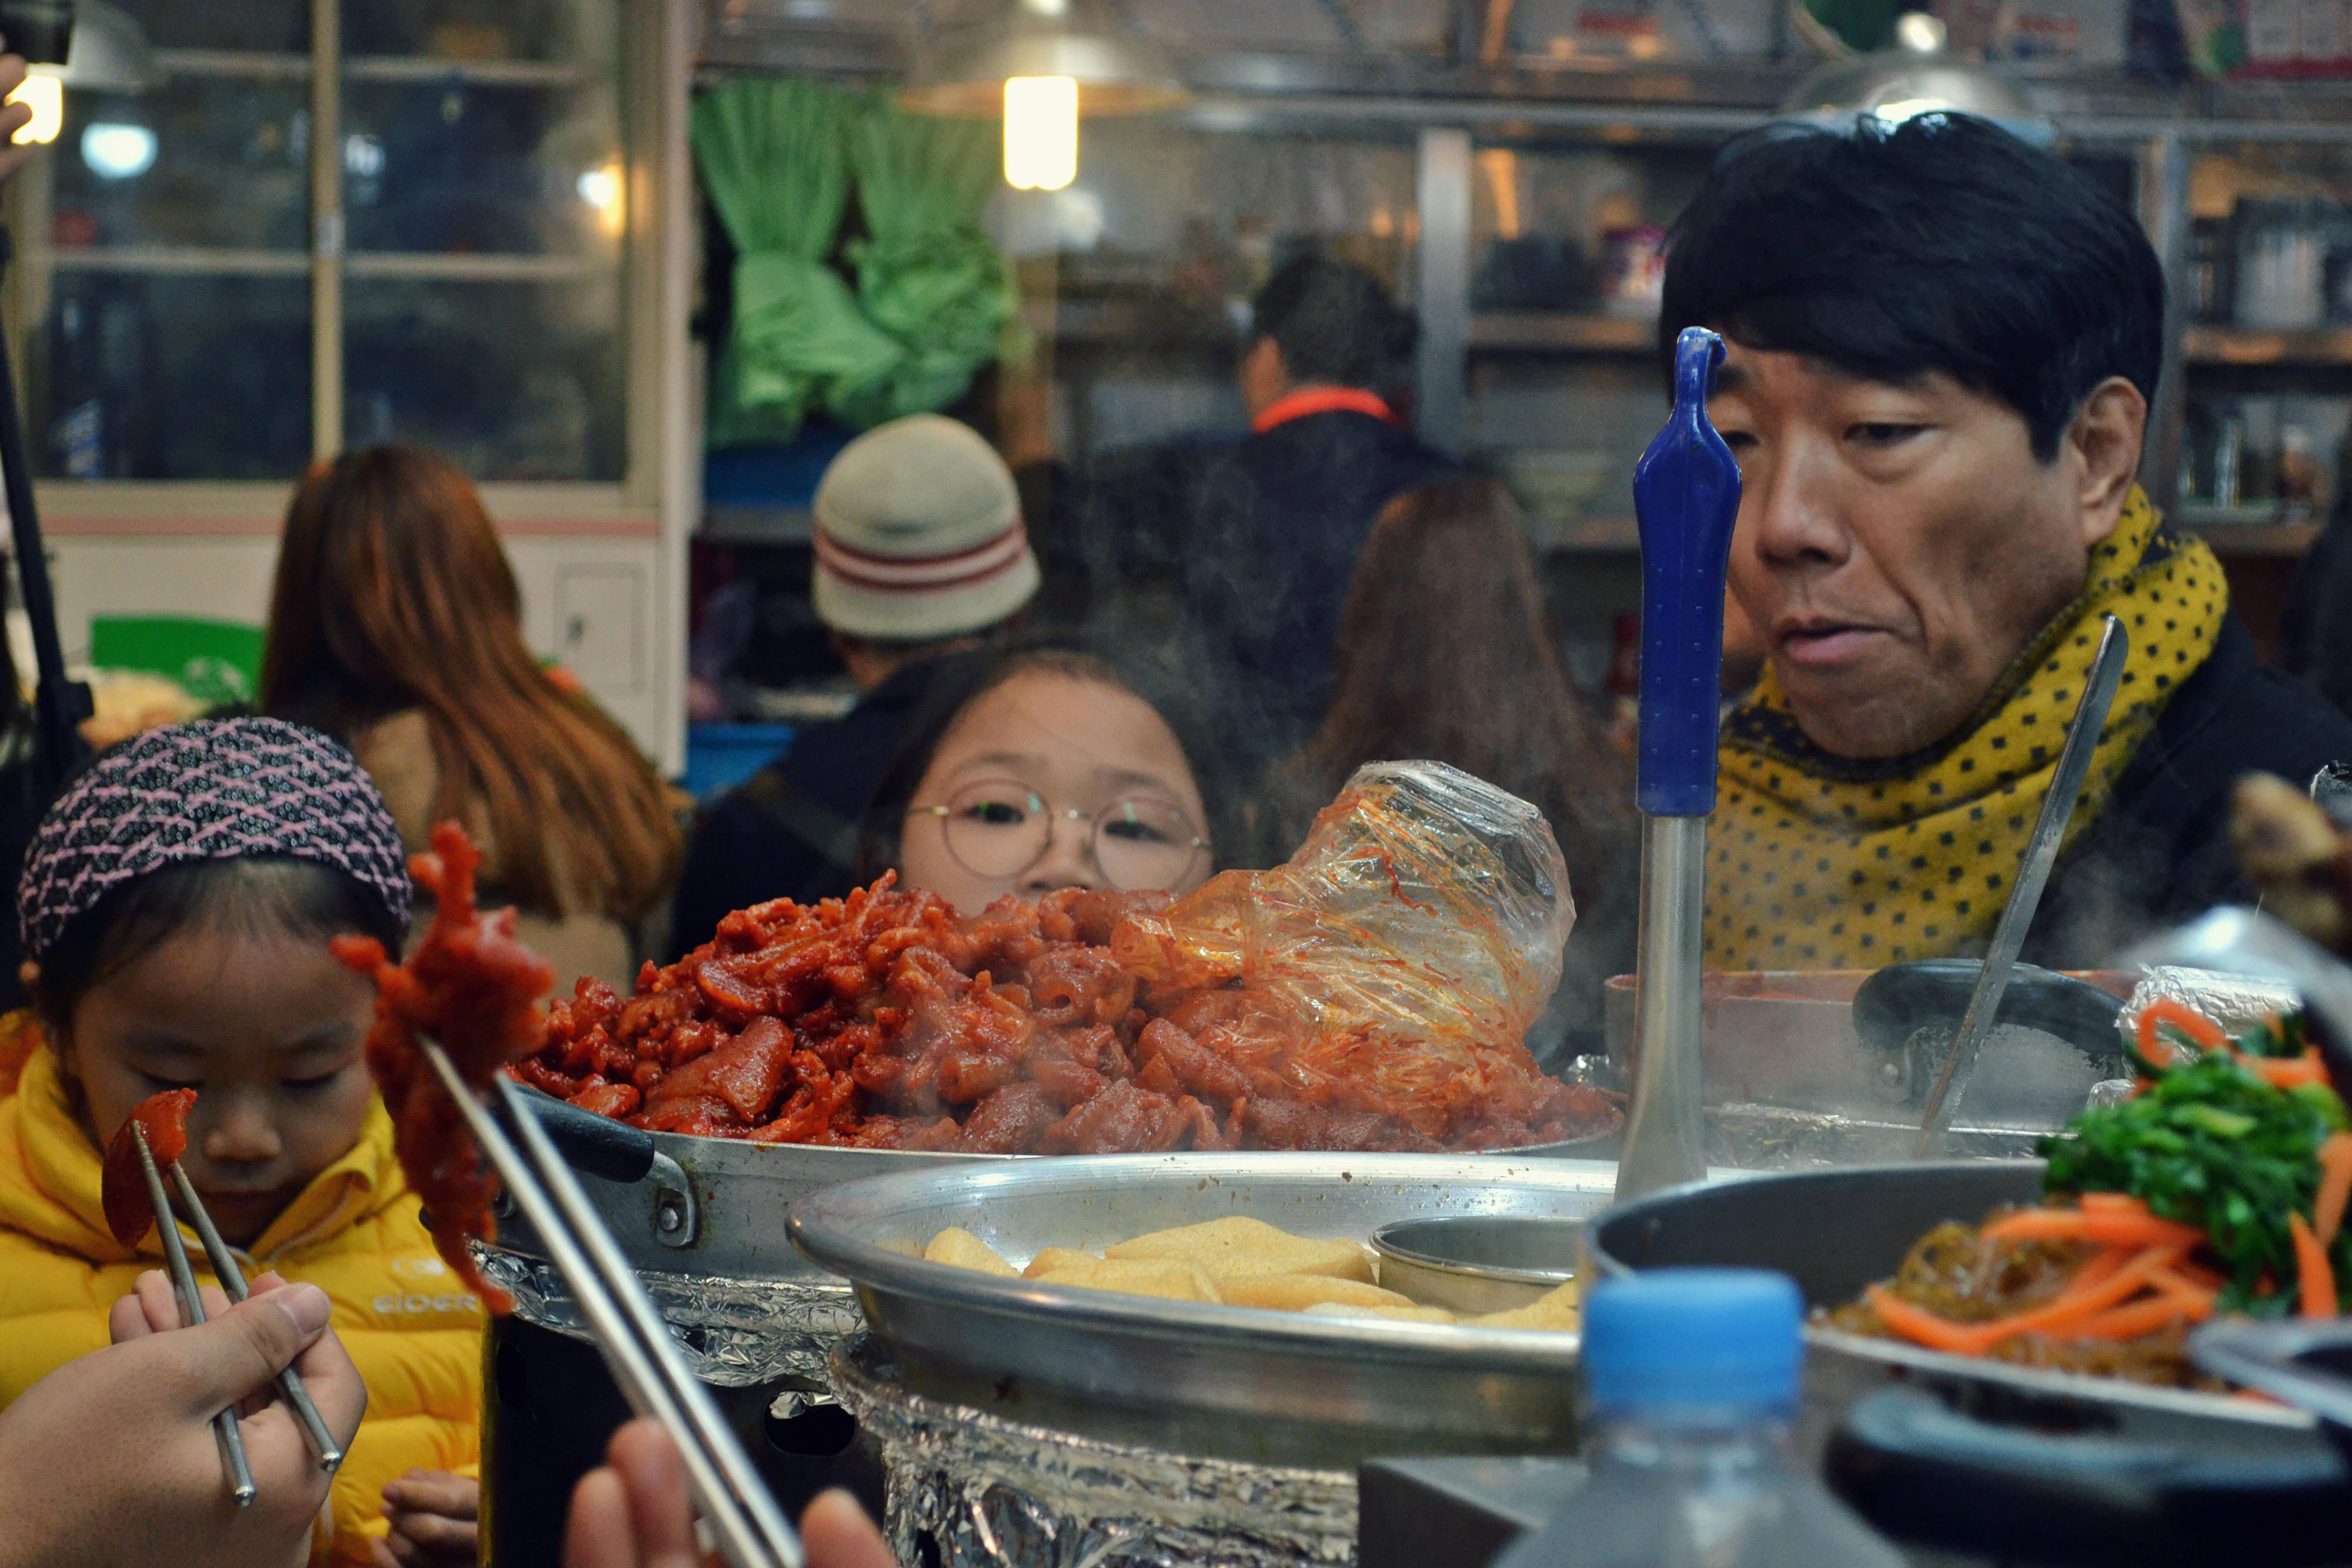 Családi ebéd ahogy a Csihiró Szellemországban is láttuk